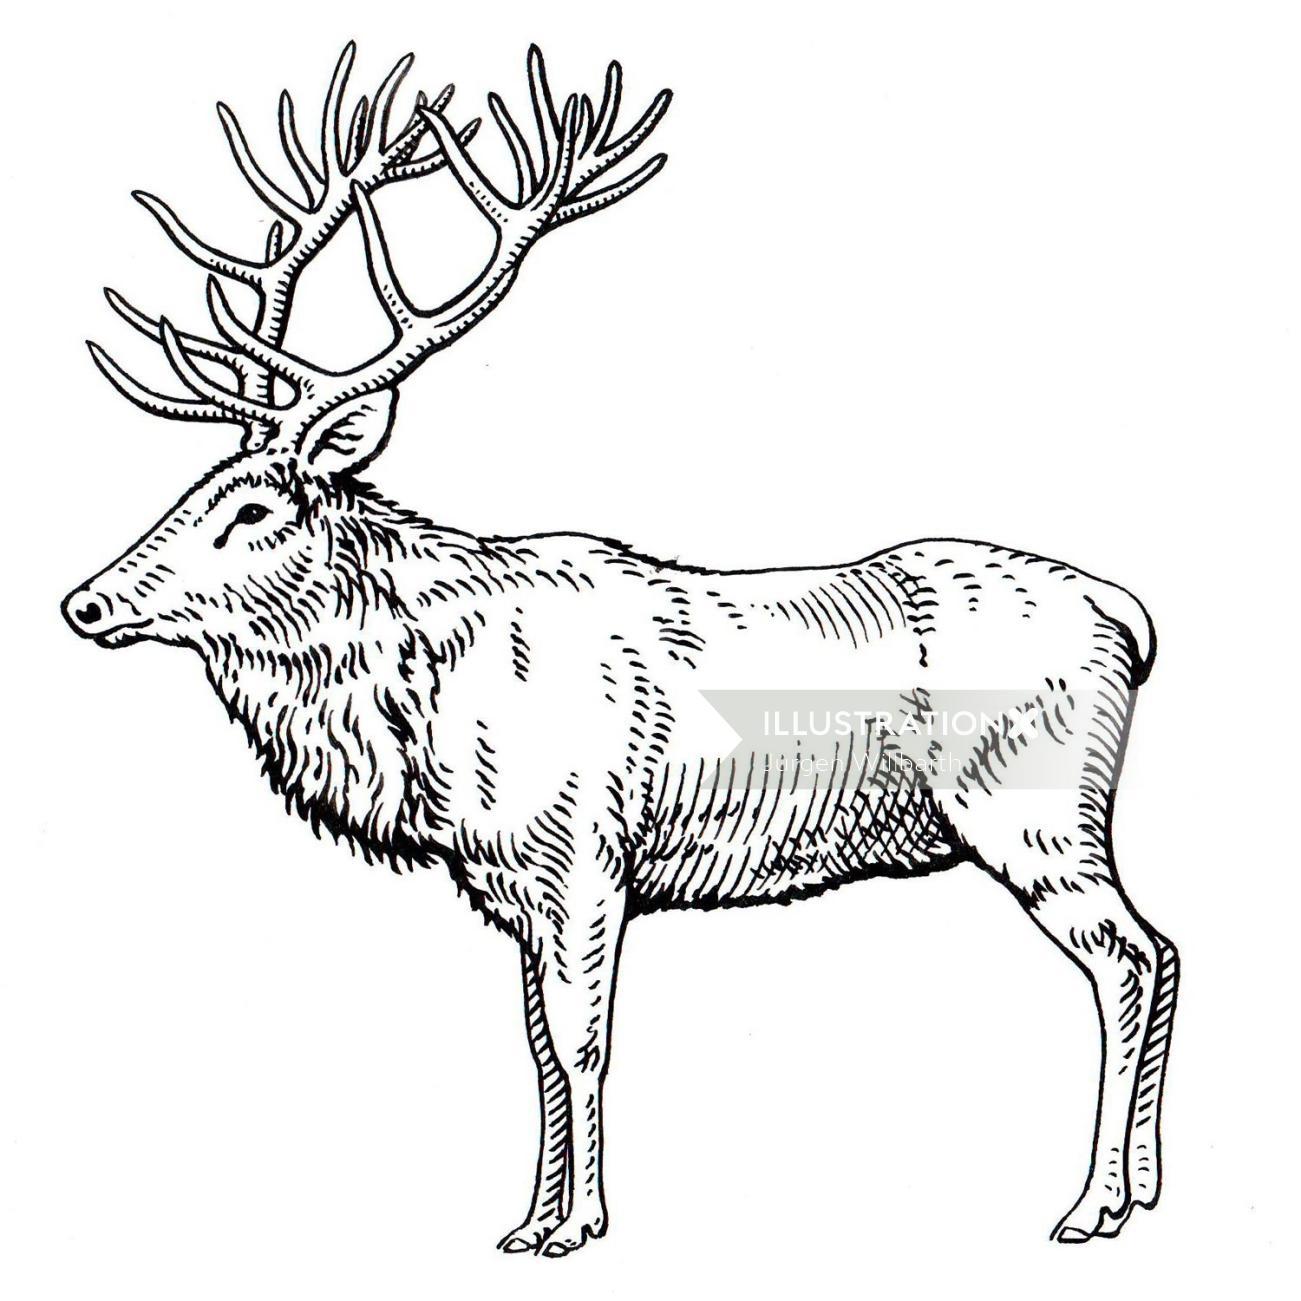 Elk animal black and white illustration